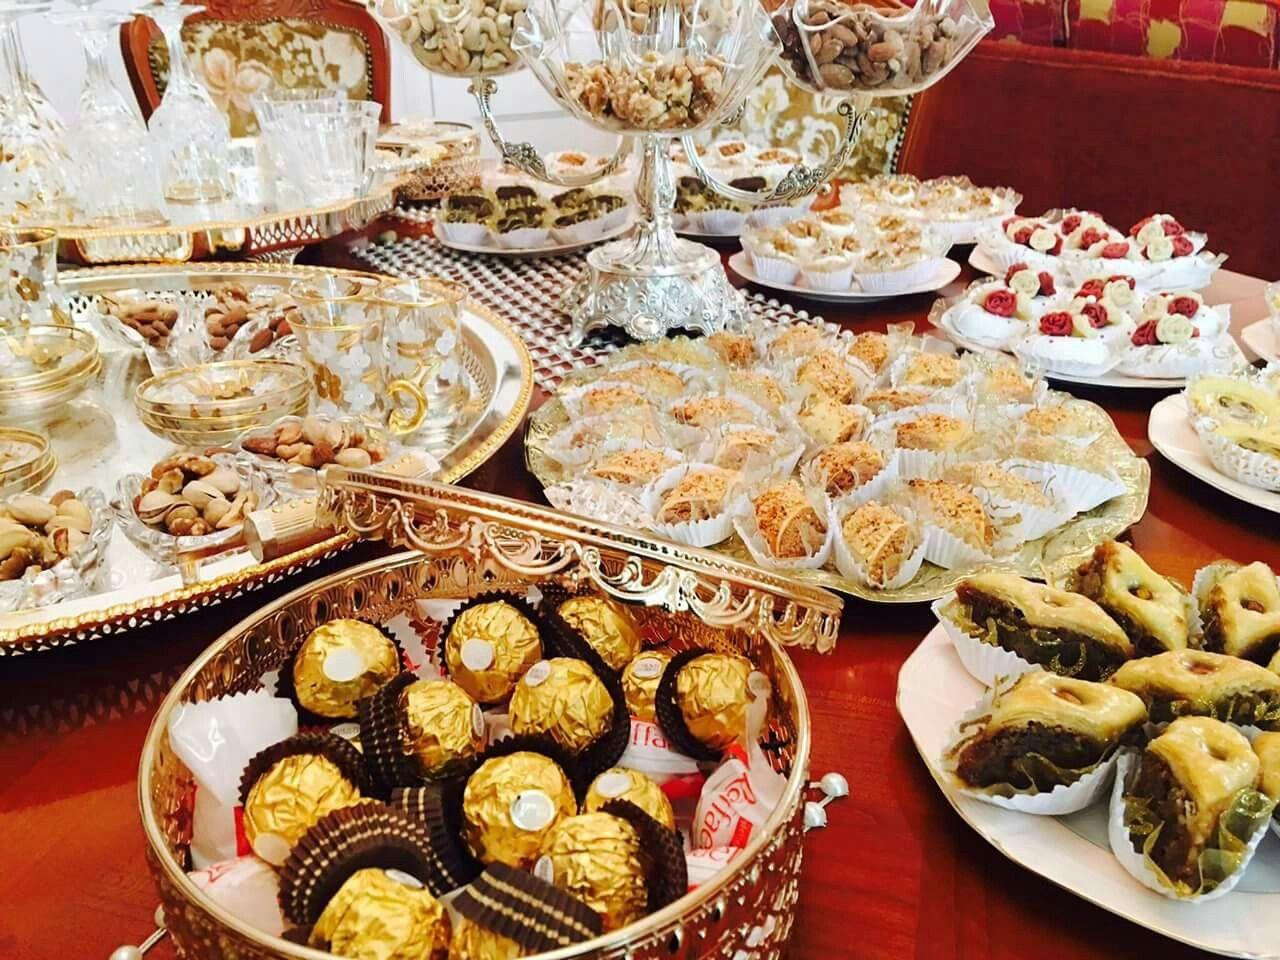 Pingl par hayat daoudi sur apero pinterest petit - Maroc cuisine traditionnel ...